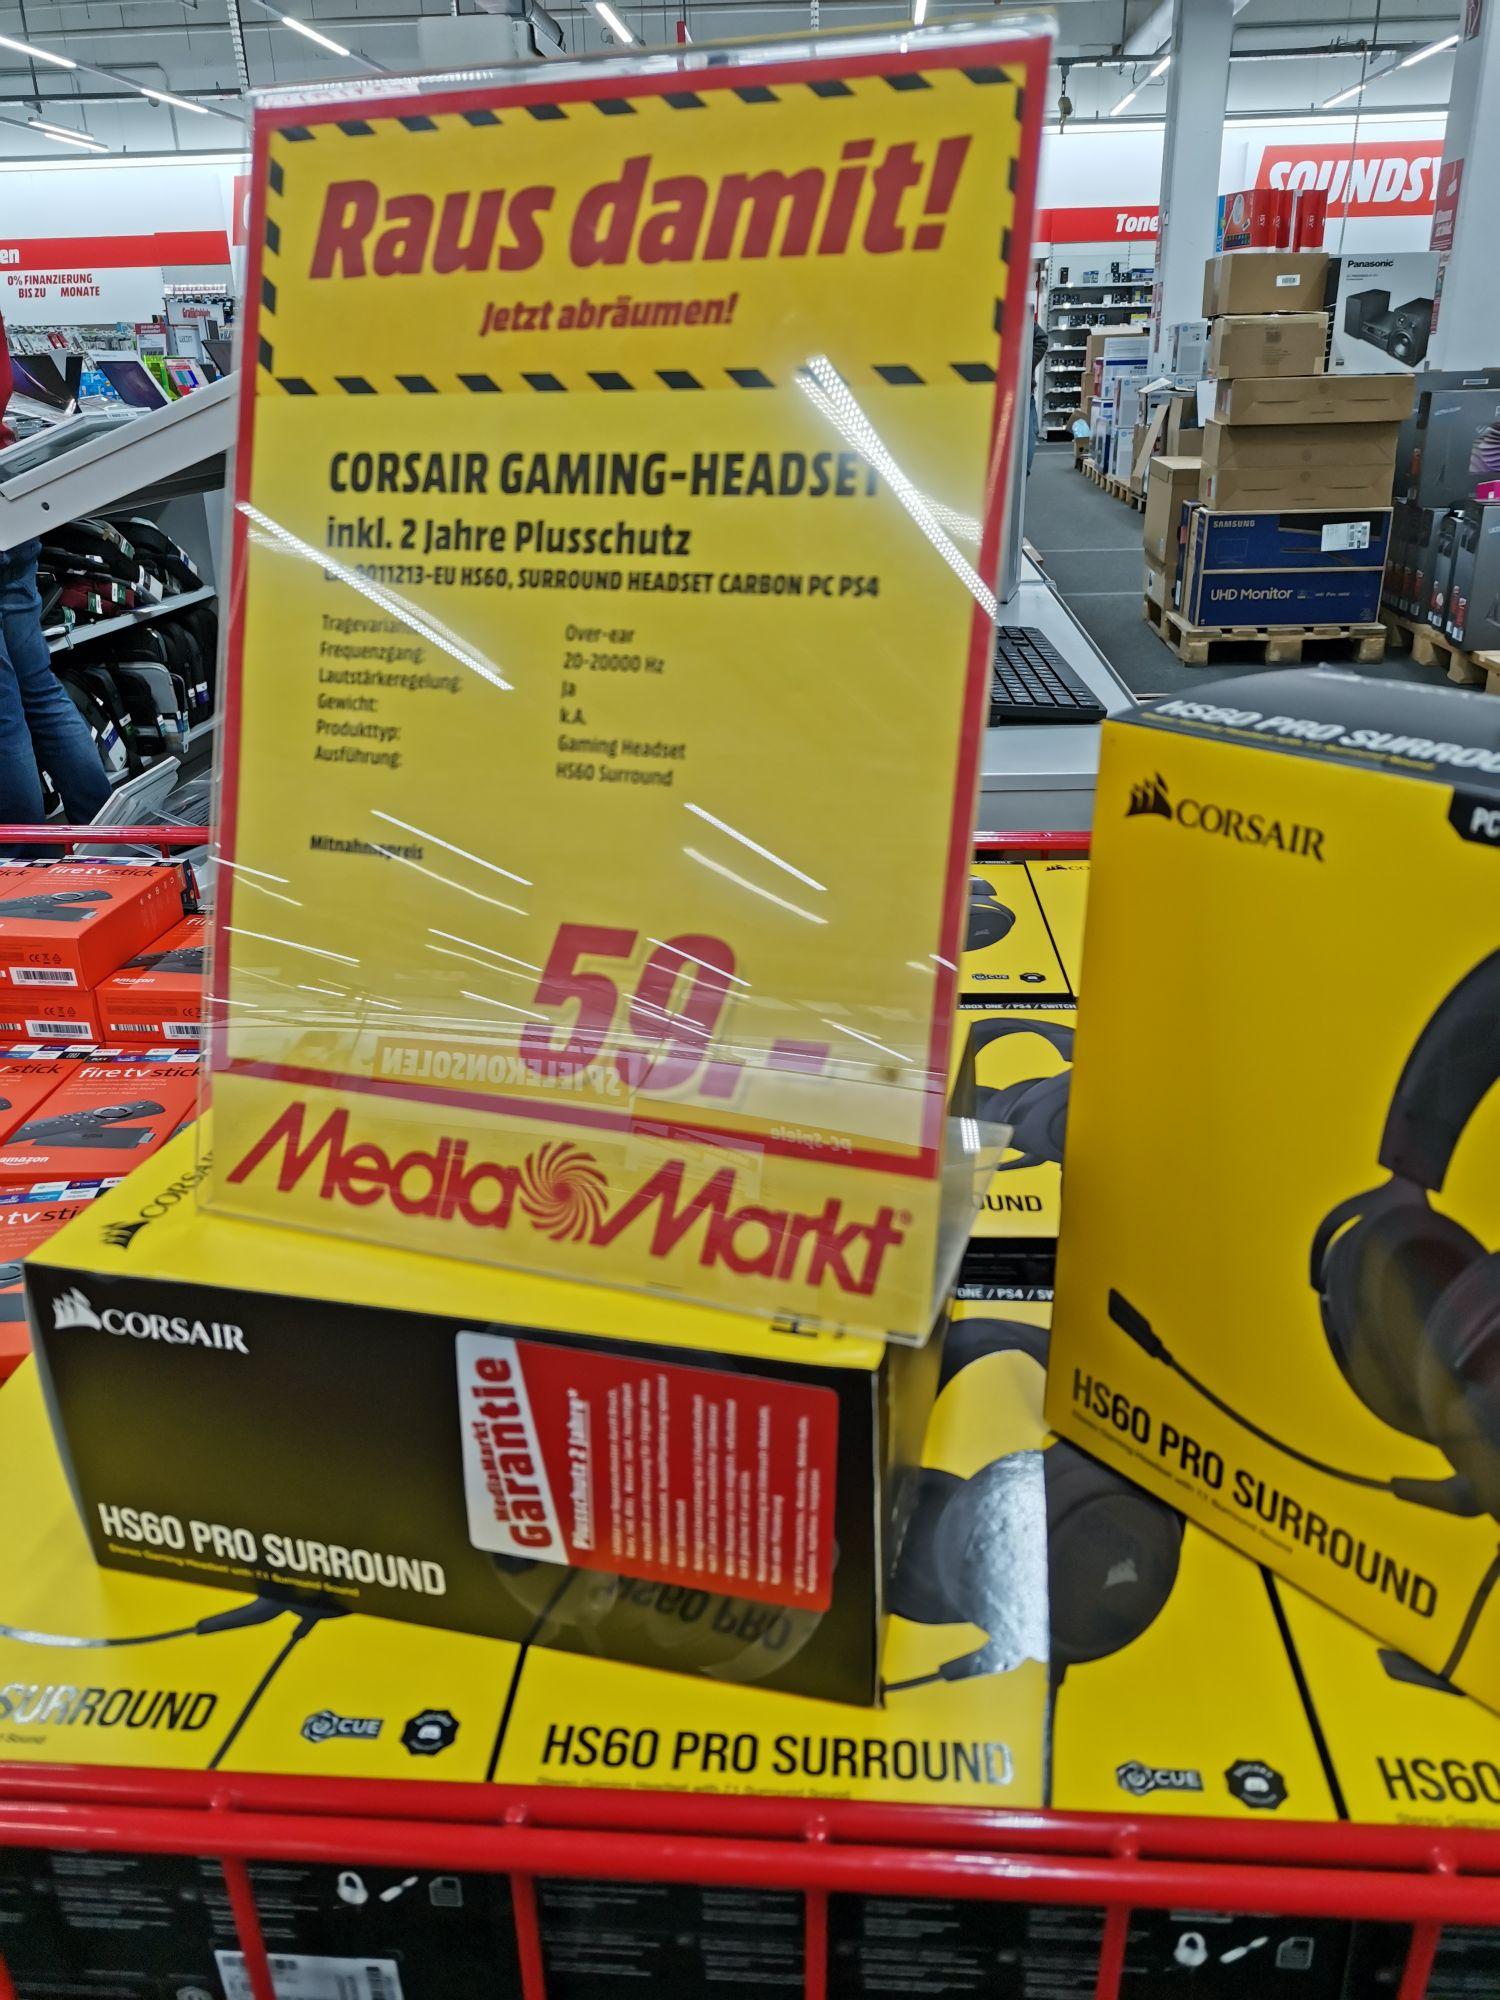 Lokal - Mediamarkt Heppenheim Corsair HS60 Pro Surround Gaming Headset (7.1 Surround Sound)